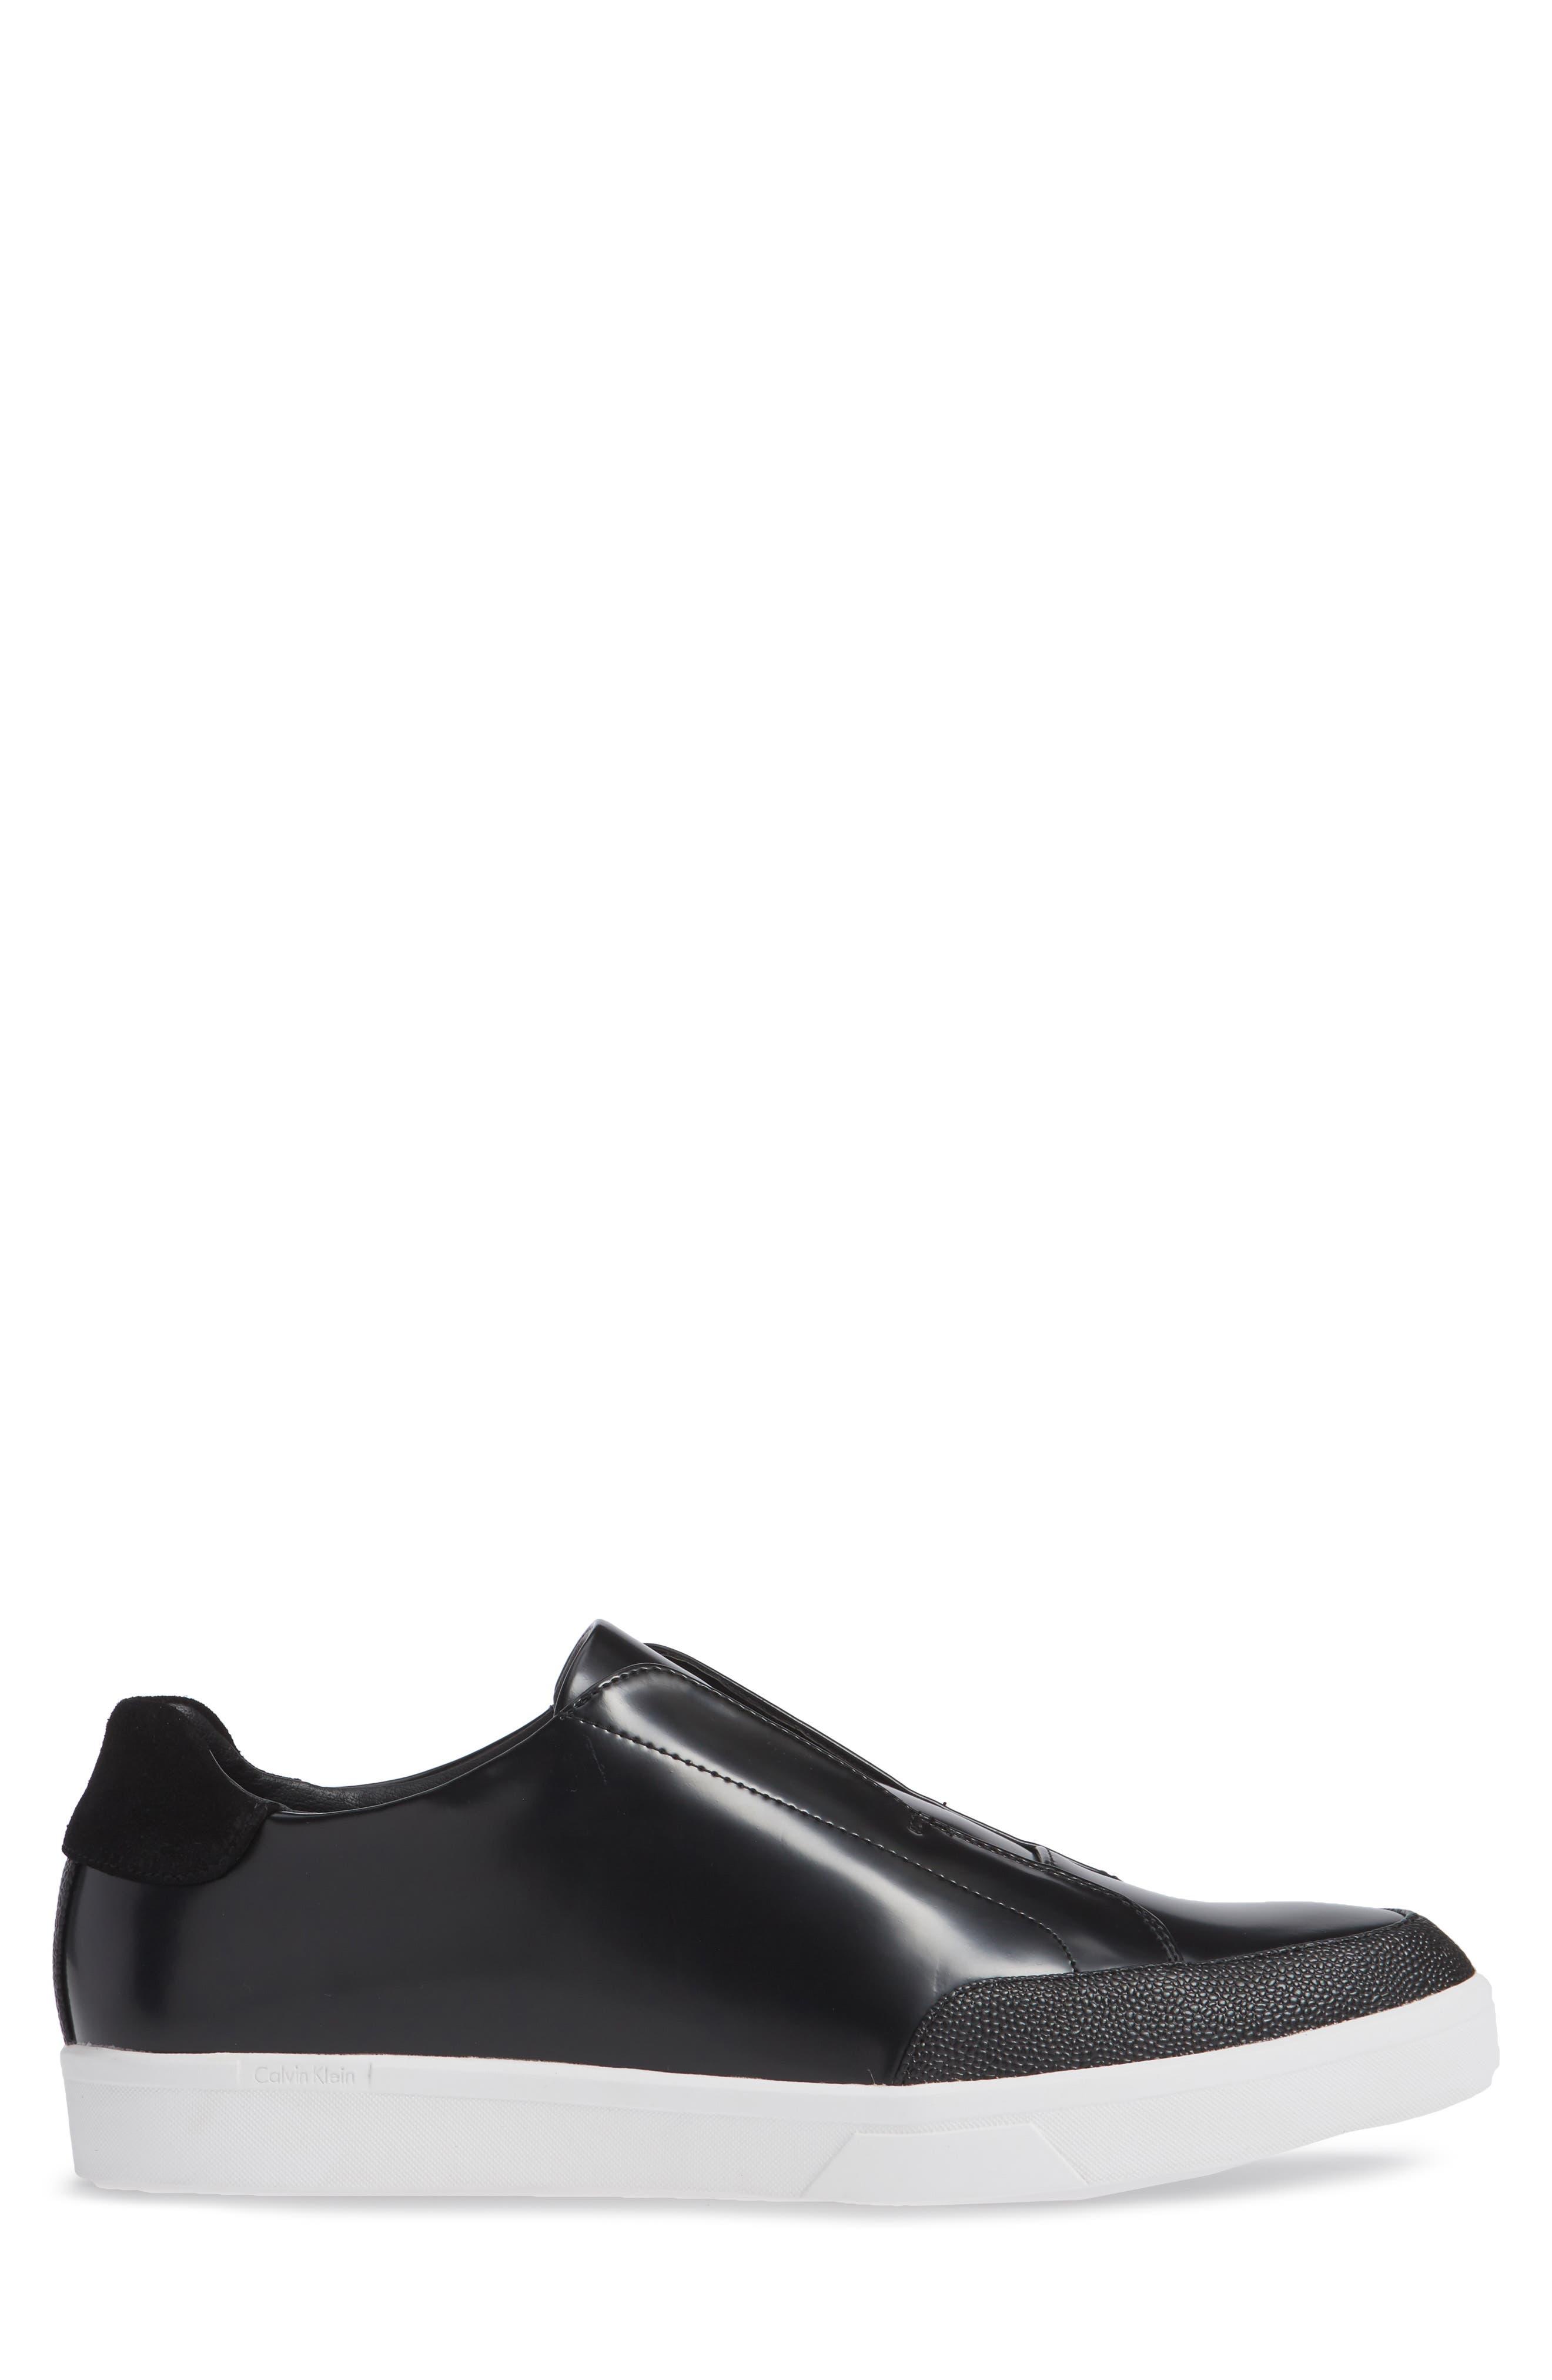 CALVIN KLEIN, Immanuel Slip-On Sneaker, Alternate thumbnail 3, color, BLACK LEATHER